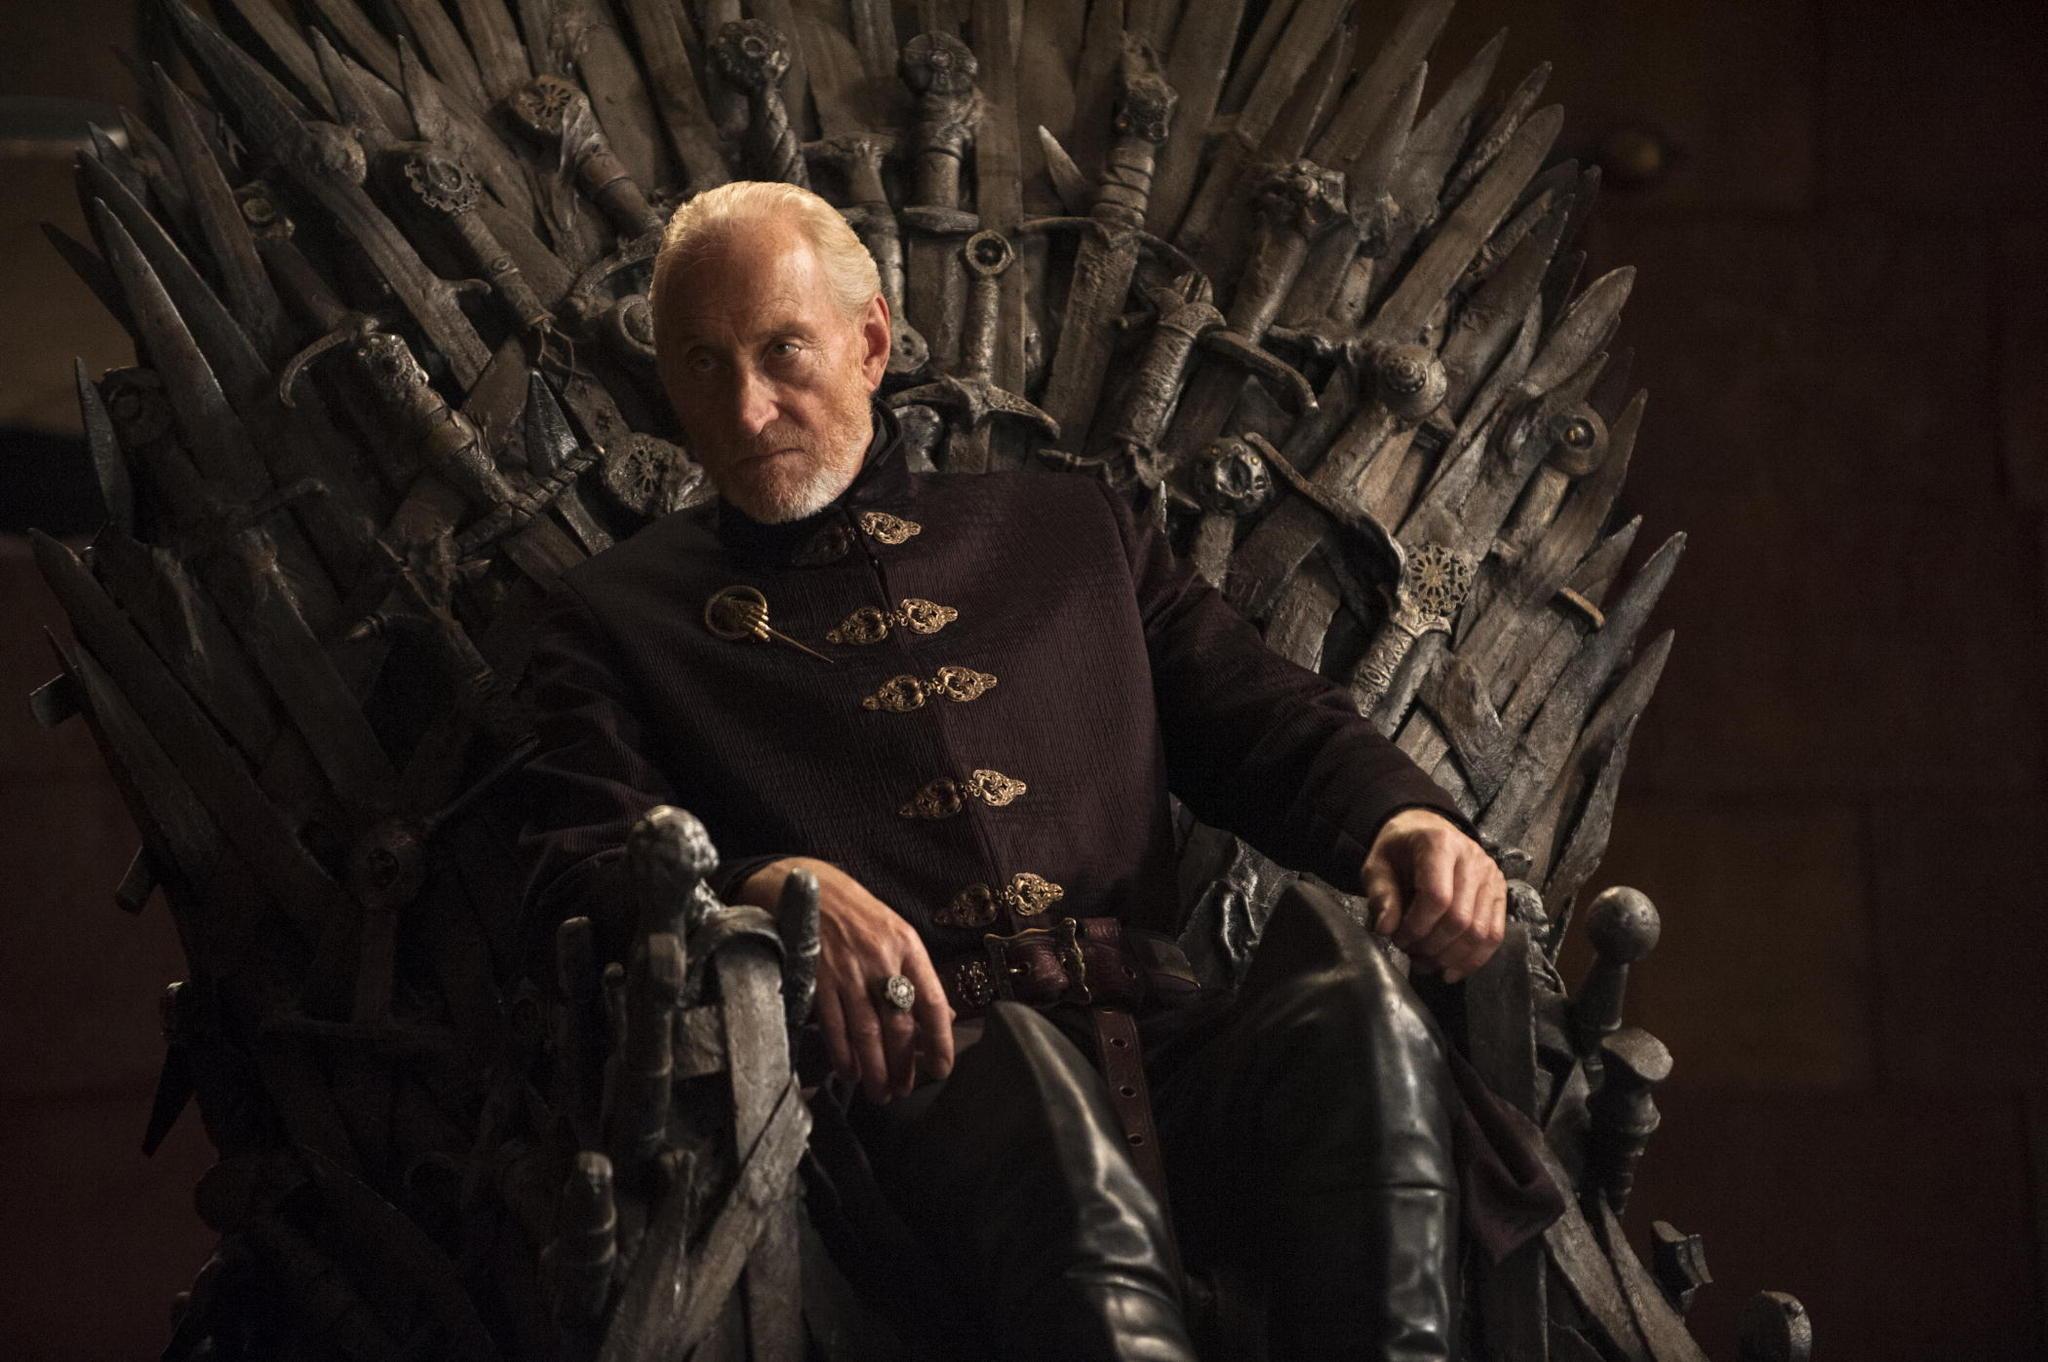 Il trono di spade: Charles Dance nell'episodio The Laws of Gods and Men